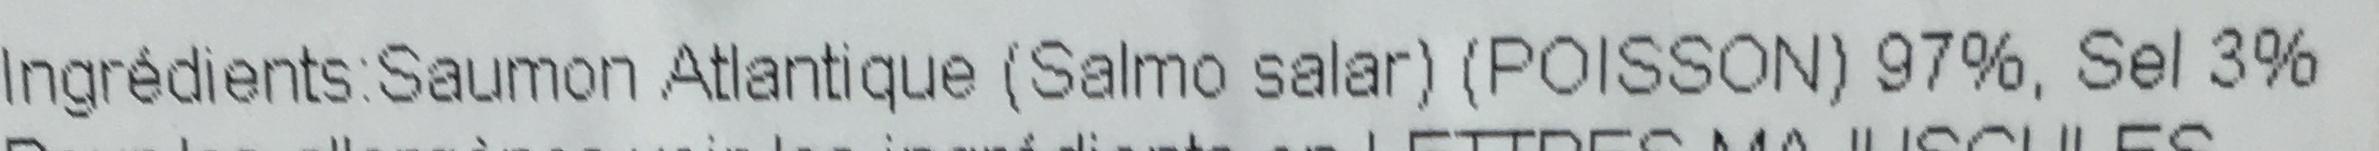 Saumon fumé atlantique d'Ecosse - Ingrédients - fr